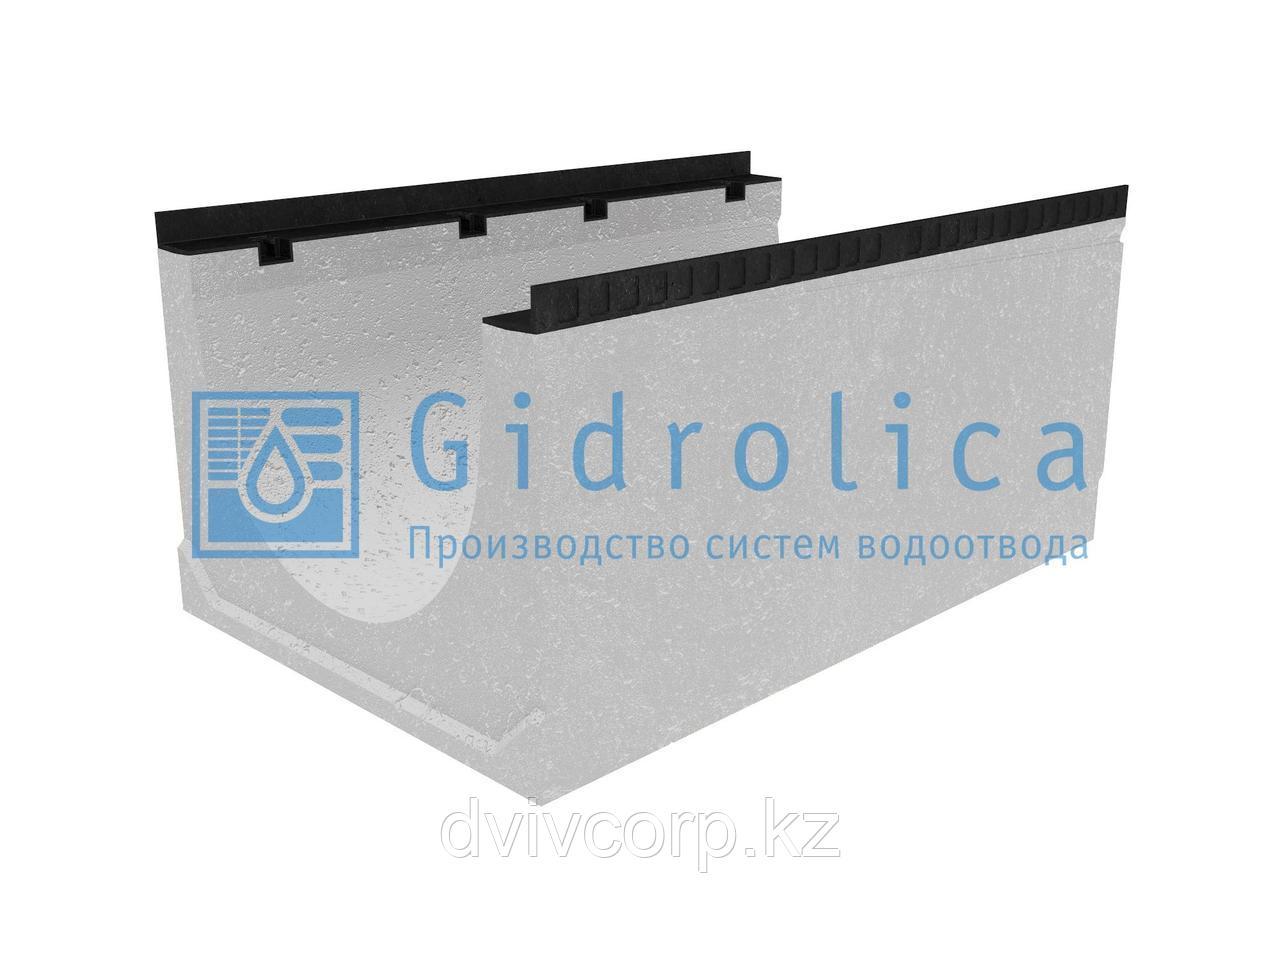 Лоток водоотводный бетонный коробчатый (СО-500мм), с уклоном 0,5%  КUу 100.65(50).48,5(39,5) - BGМ, № 7